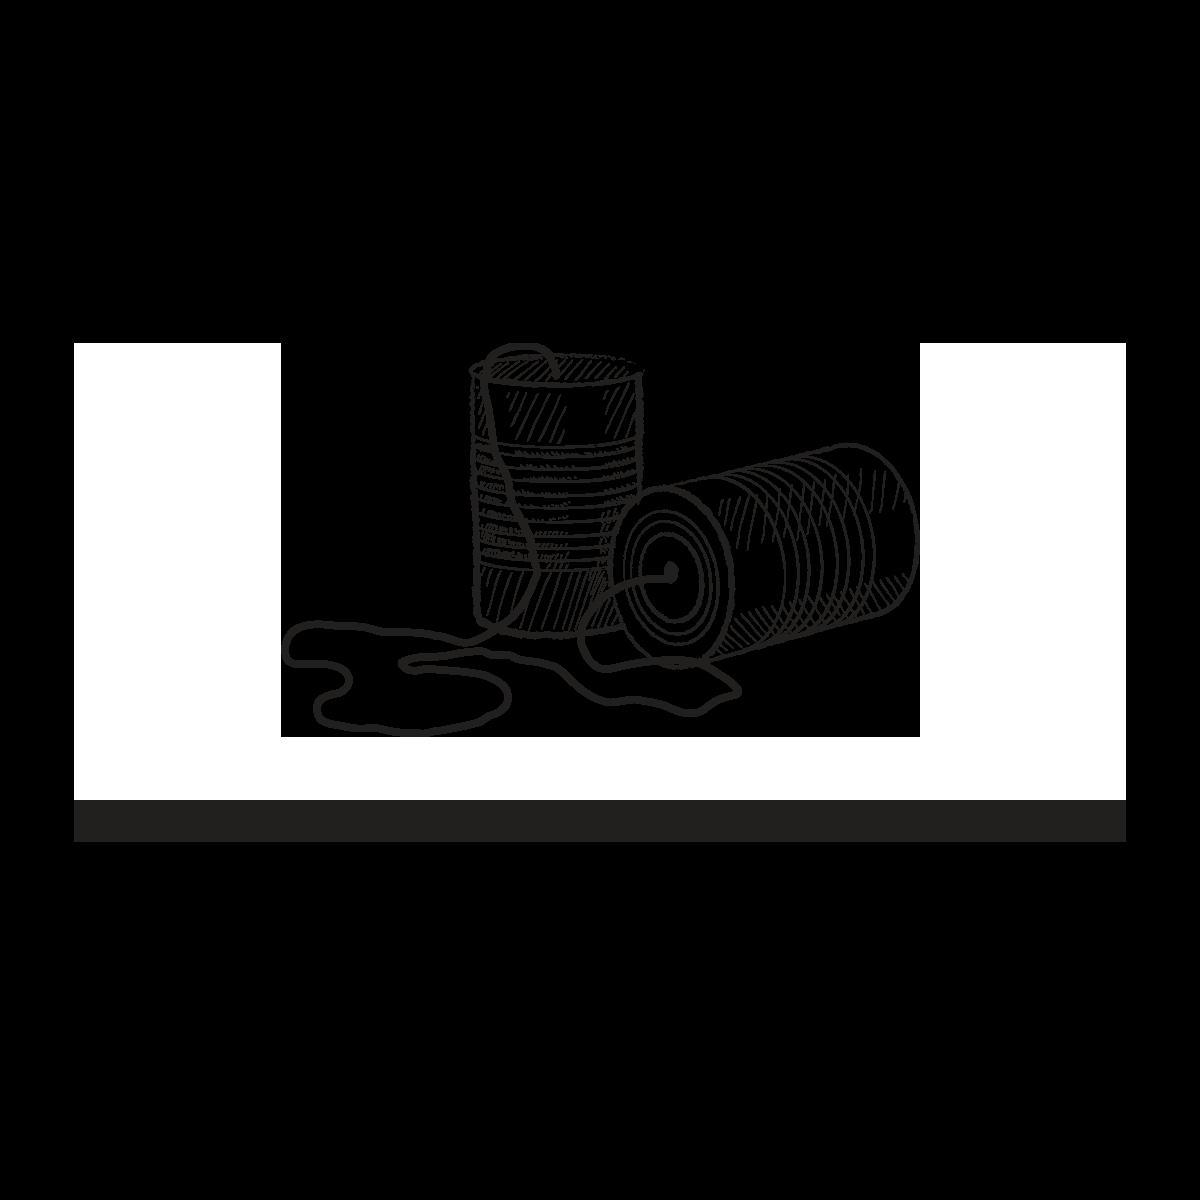 My Favorite Neighbor